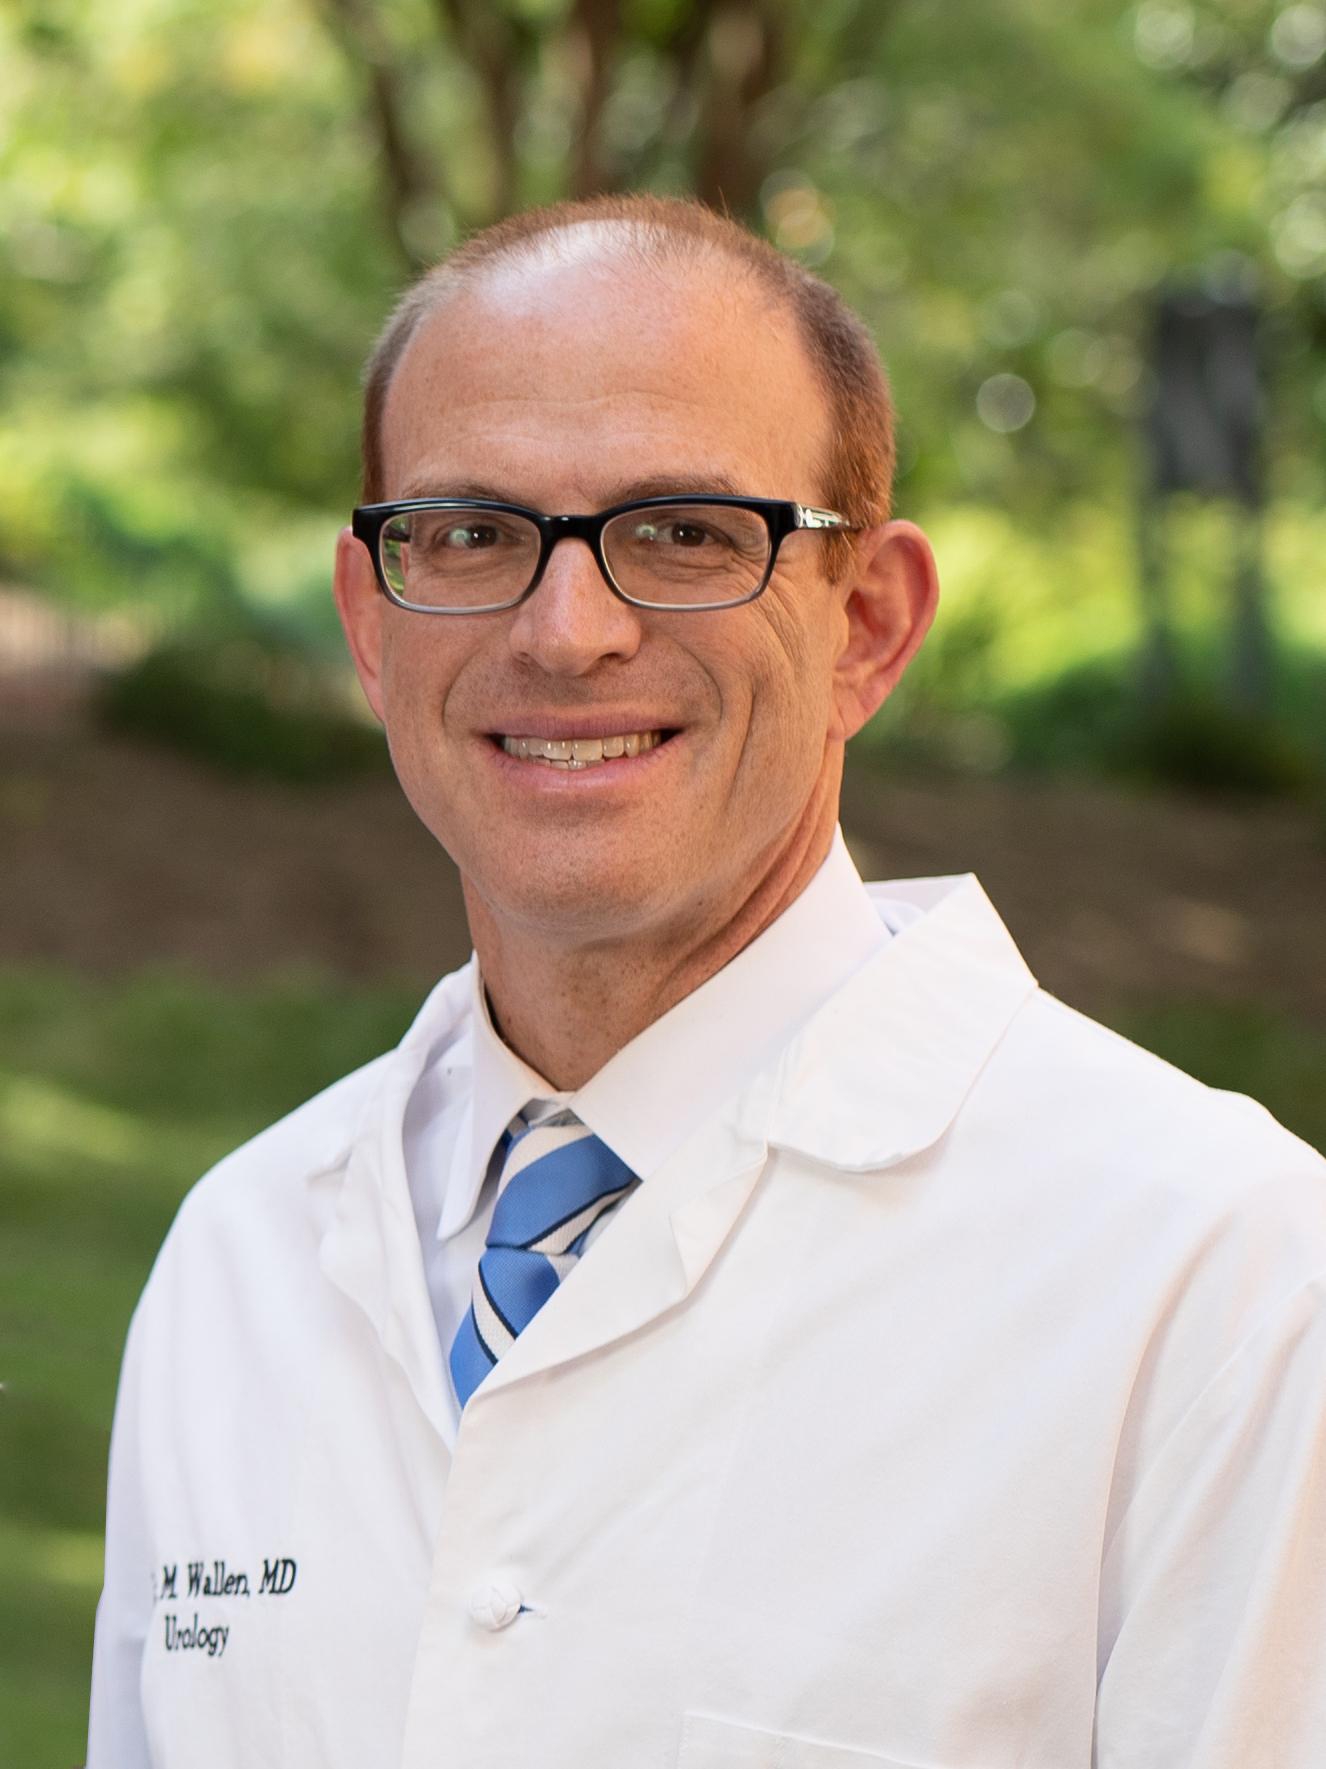 Eric Wallen, MD, FACS